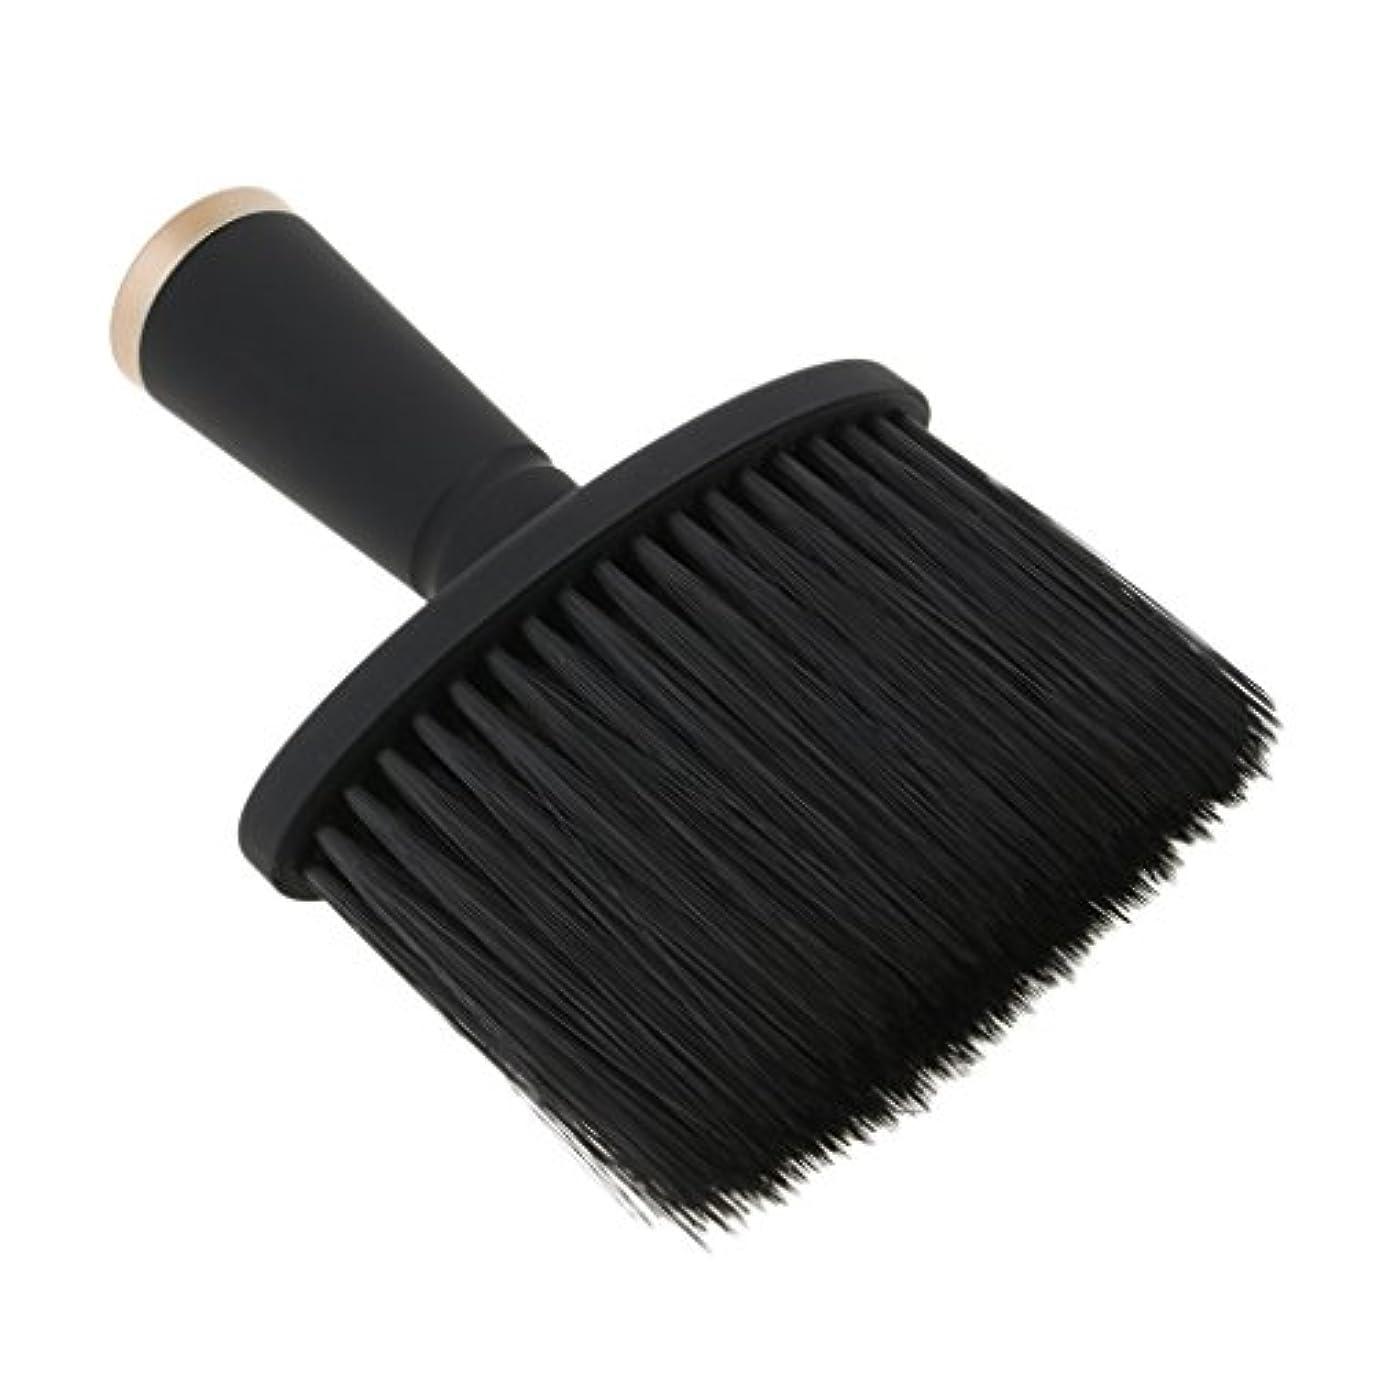 復讐慢性的調停者FutuHome 専門の理髪師の首の塵払いのブラシ、毛の切断のための柔らかいクリーニングの表面ブラシ、携帯用設計 - ゴールド